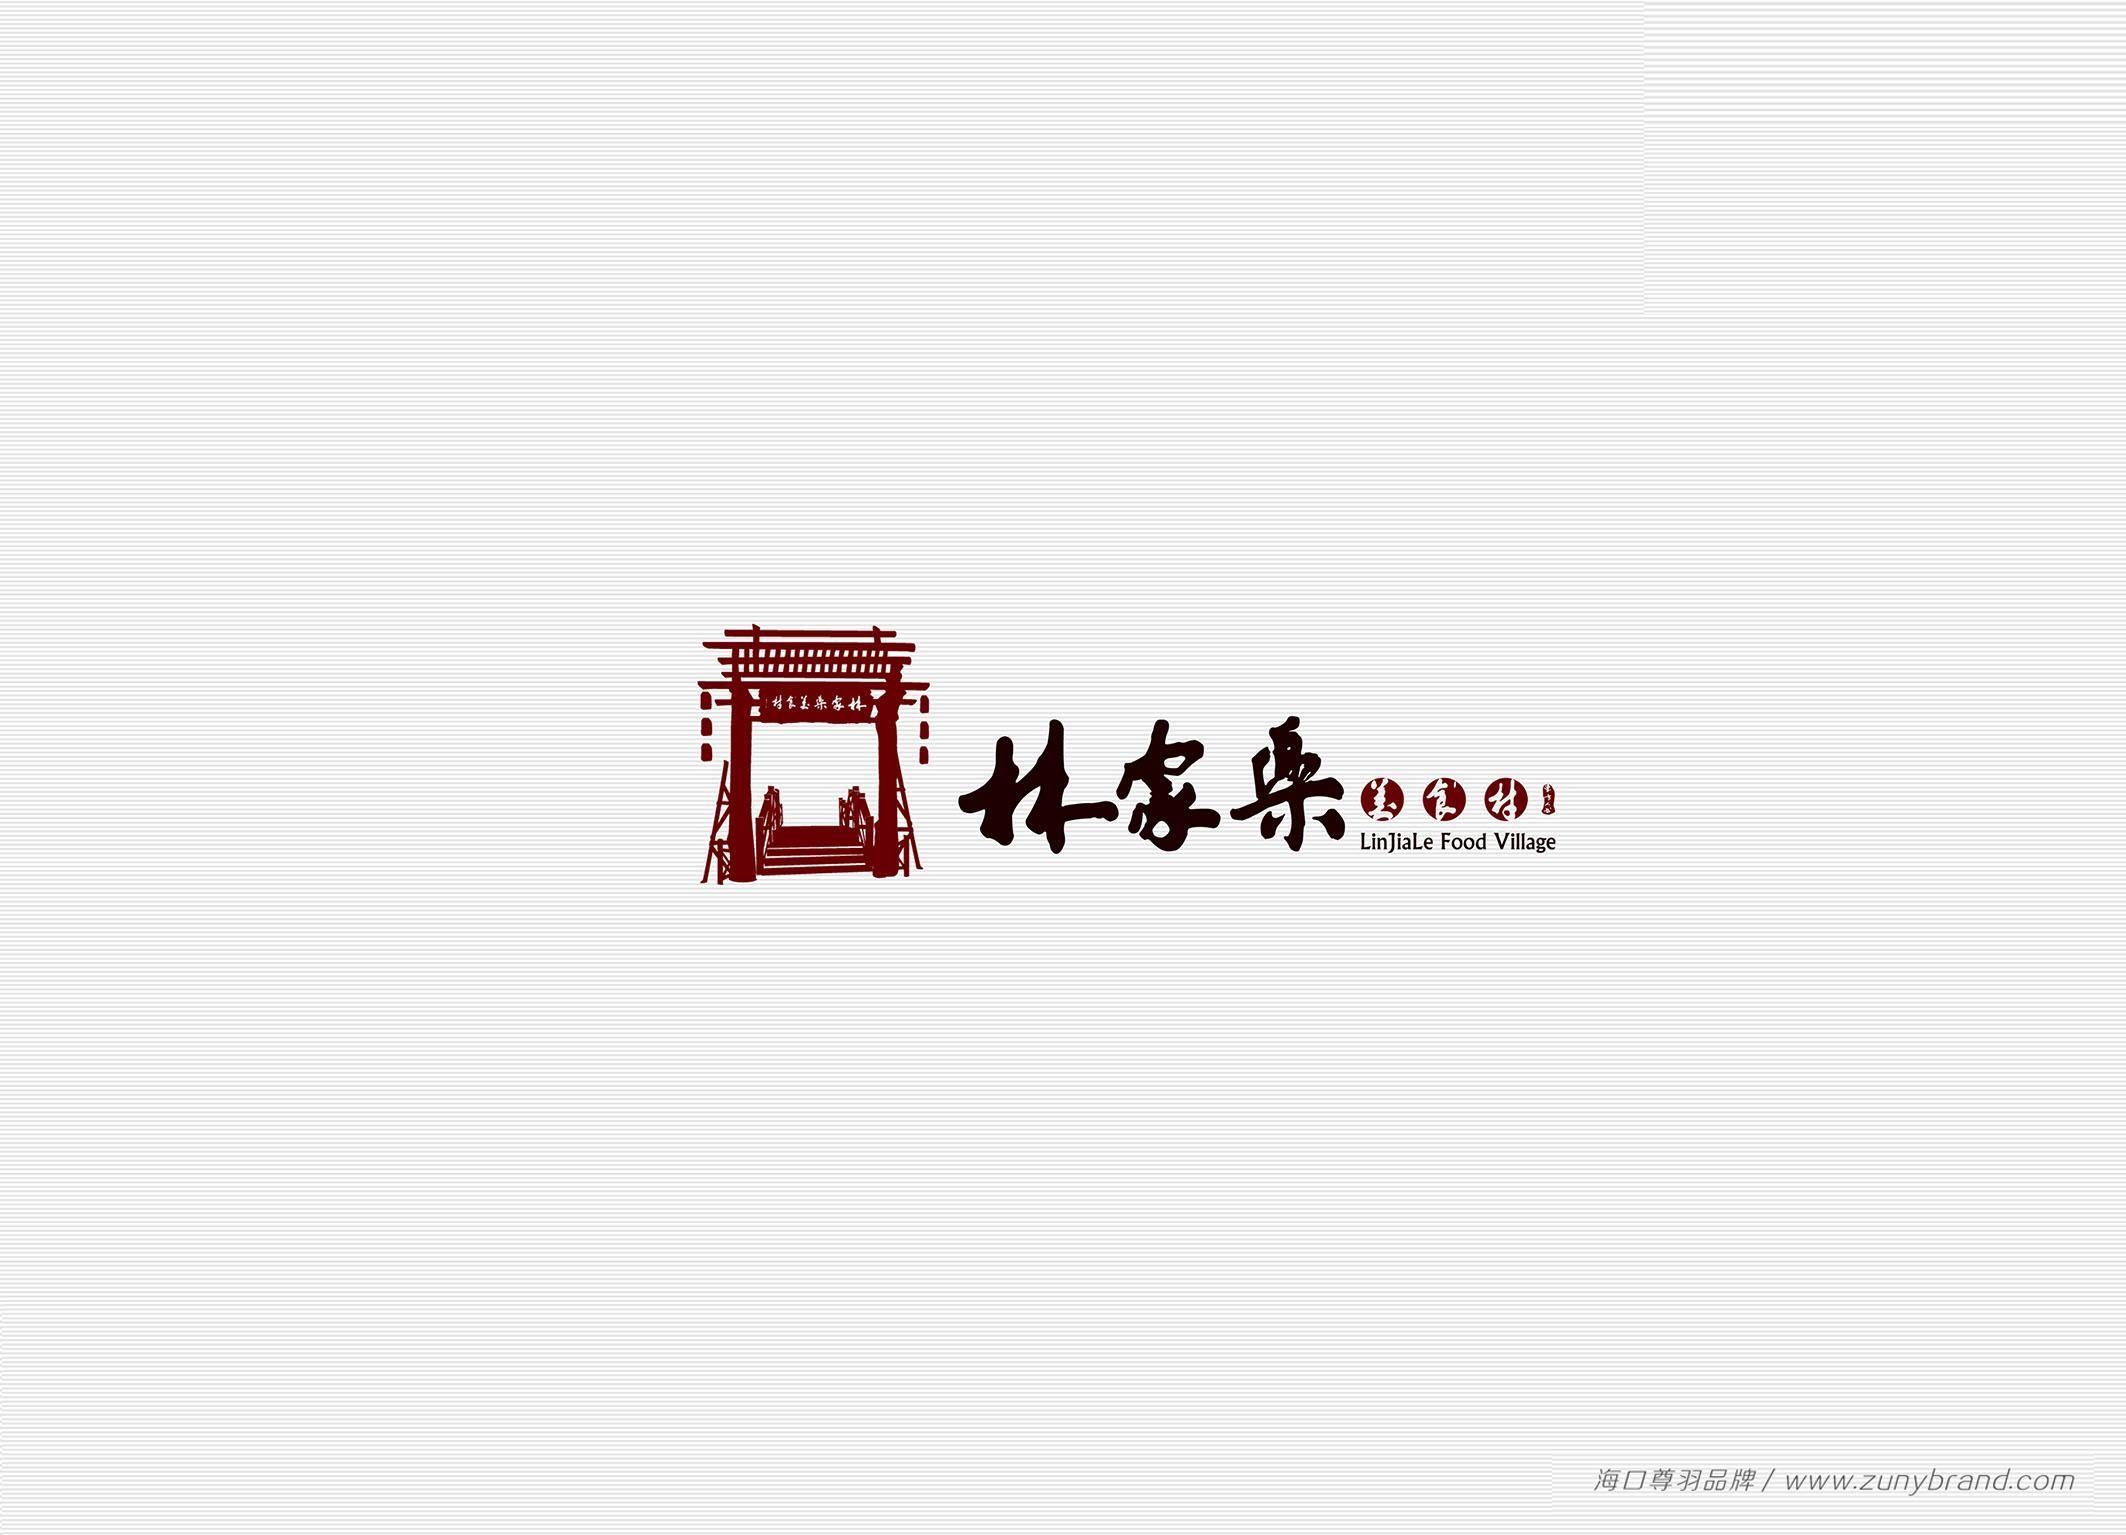 霸王岭林家乐美食村图片